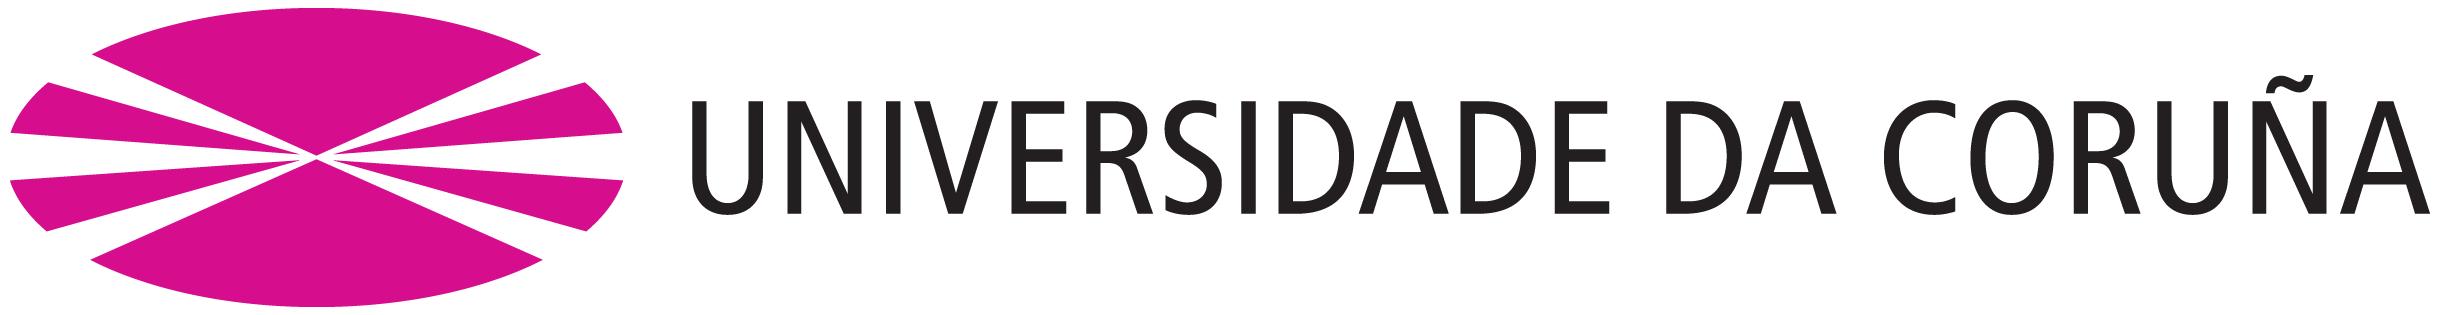 Logo da Universidade da Coruña